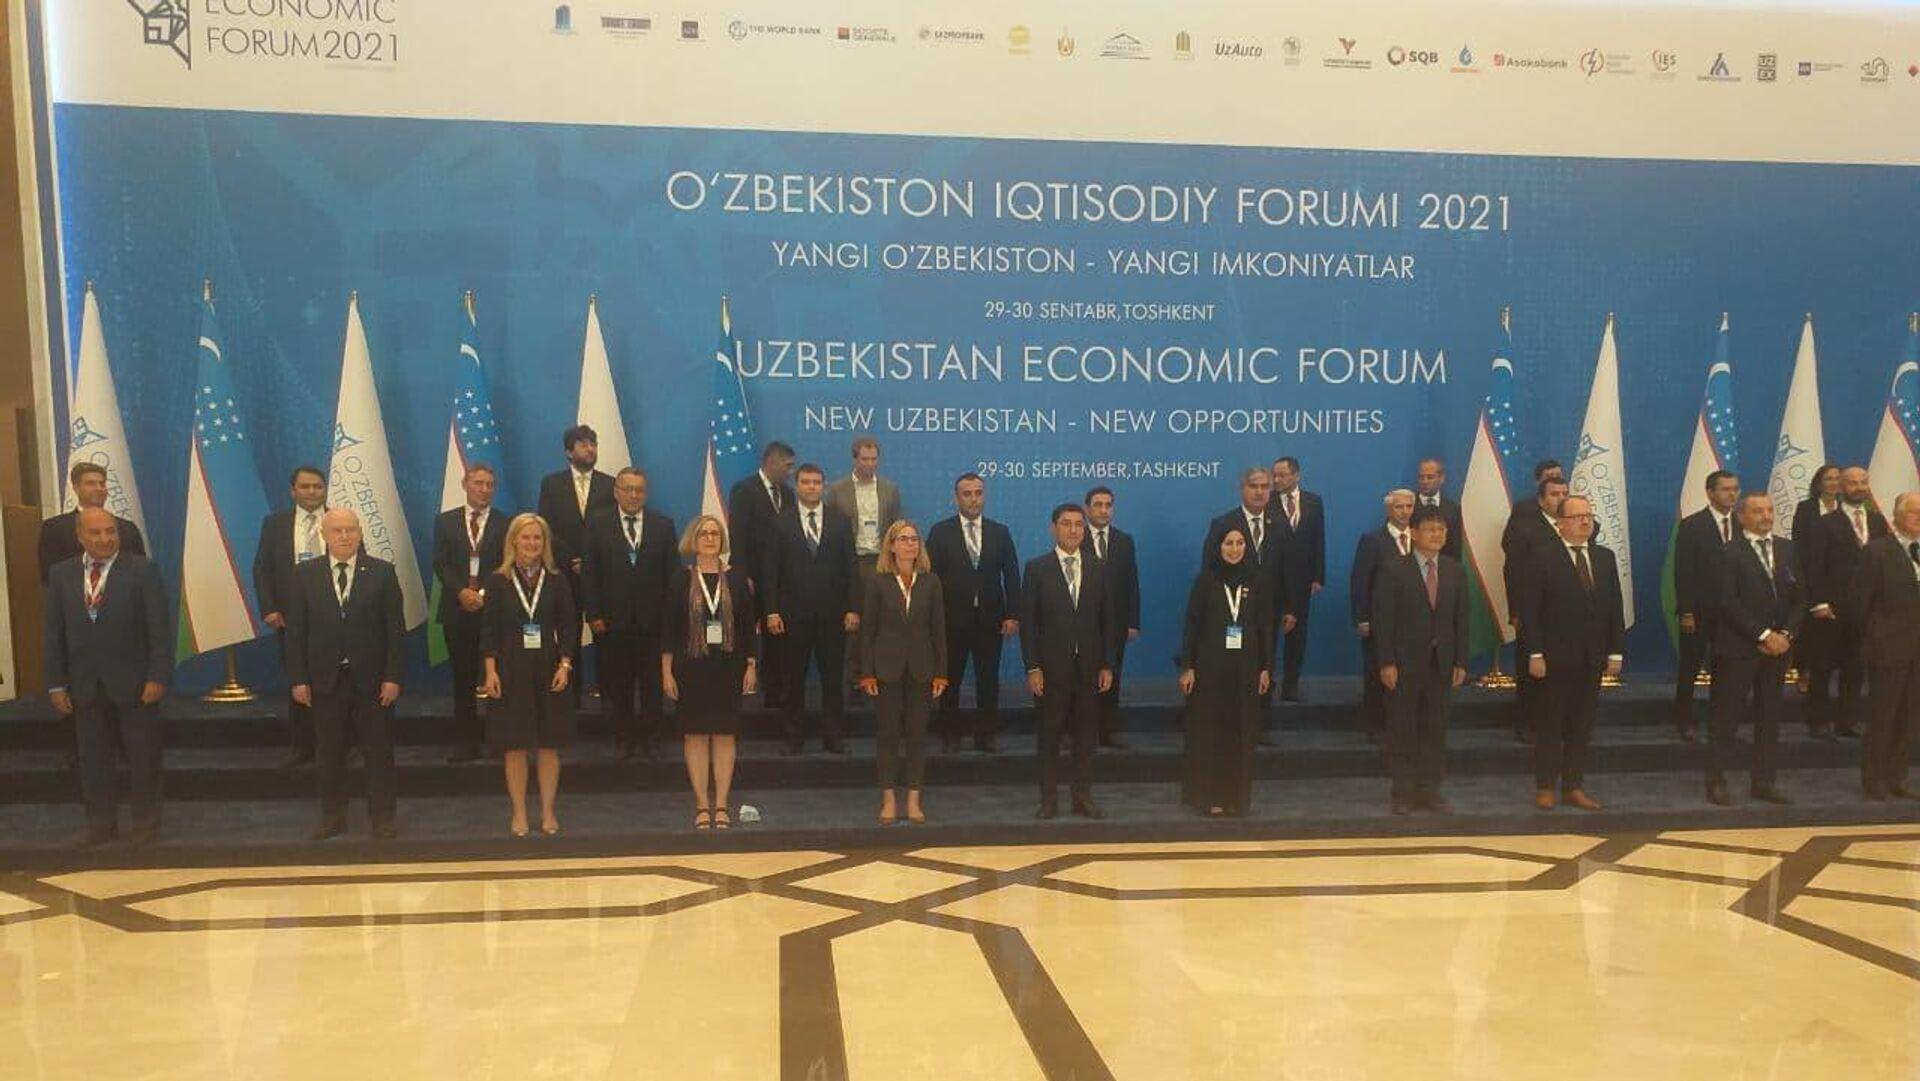 Ekonomicheskiy forum v Tashkente - Sputnik Oʻzbekiston, 1920, 29.09.2021